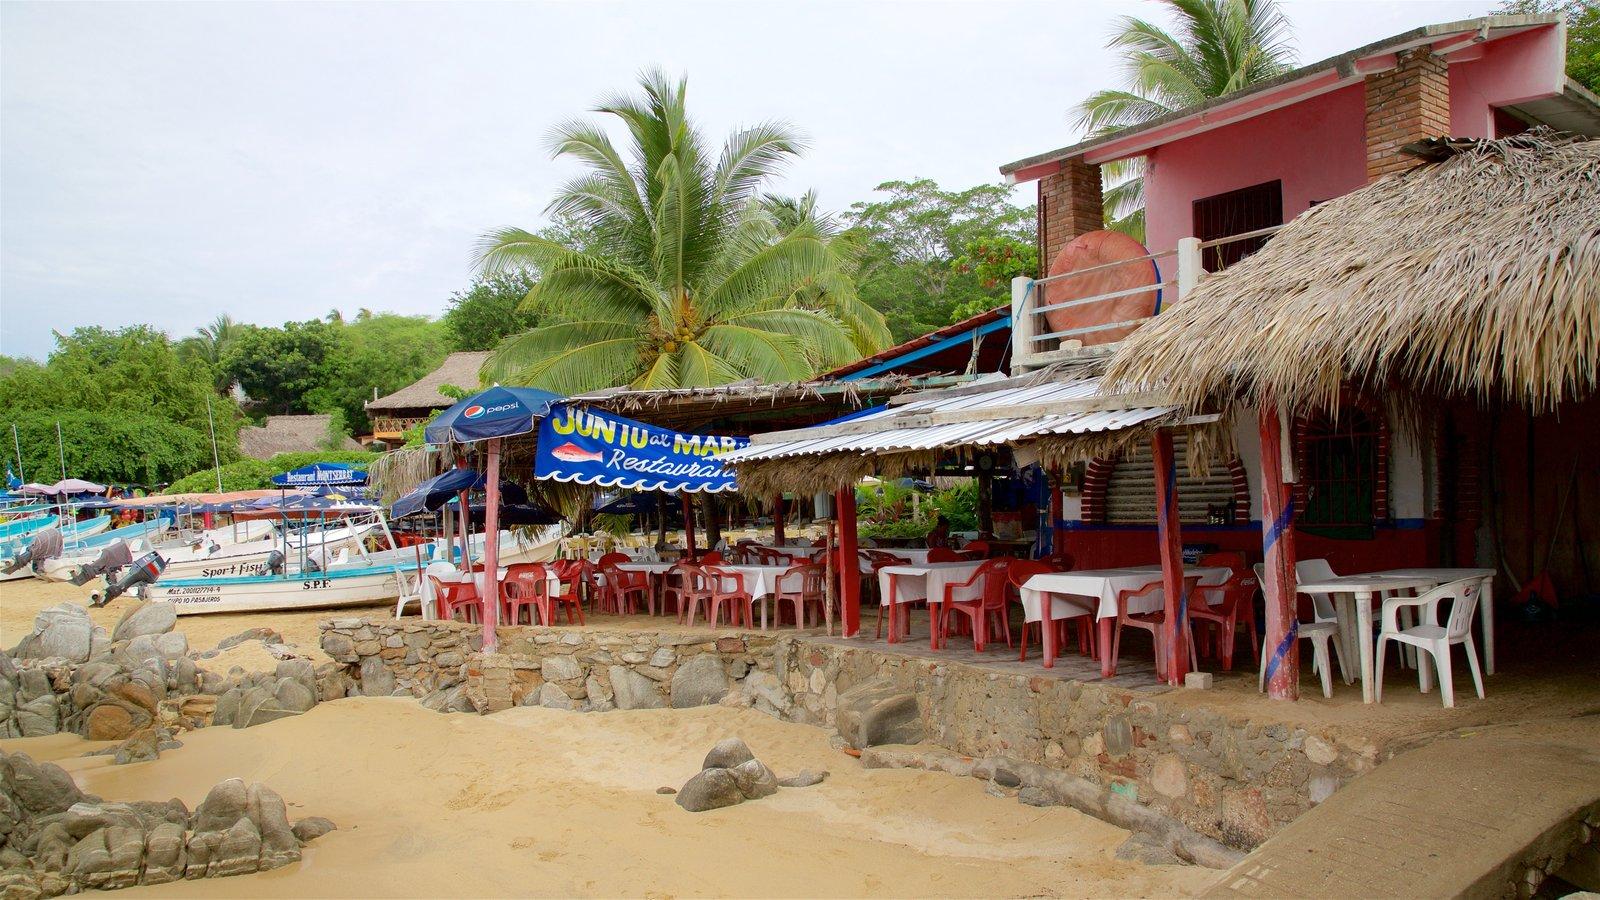 Playa Puerto Angelito mostrando escenas tropicales, vistas generales de la costa y una playa de arena